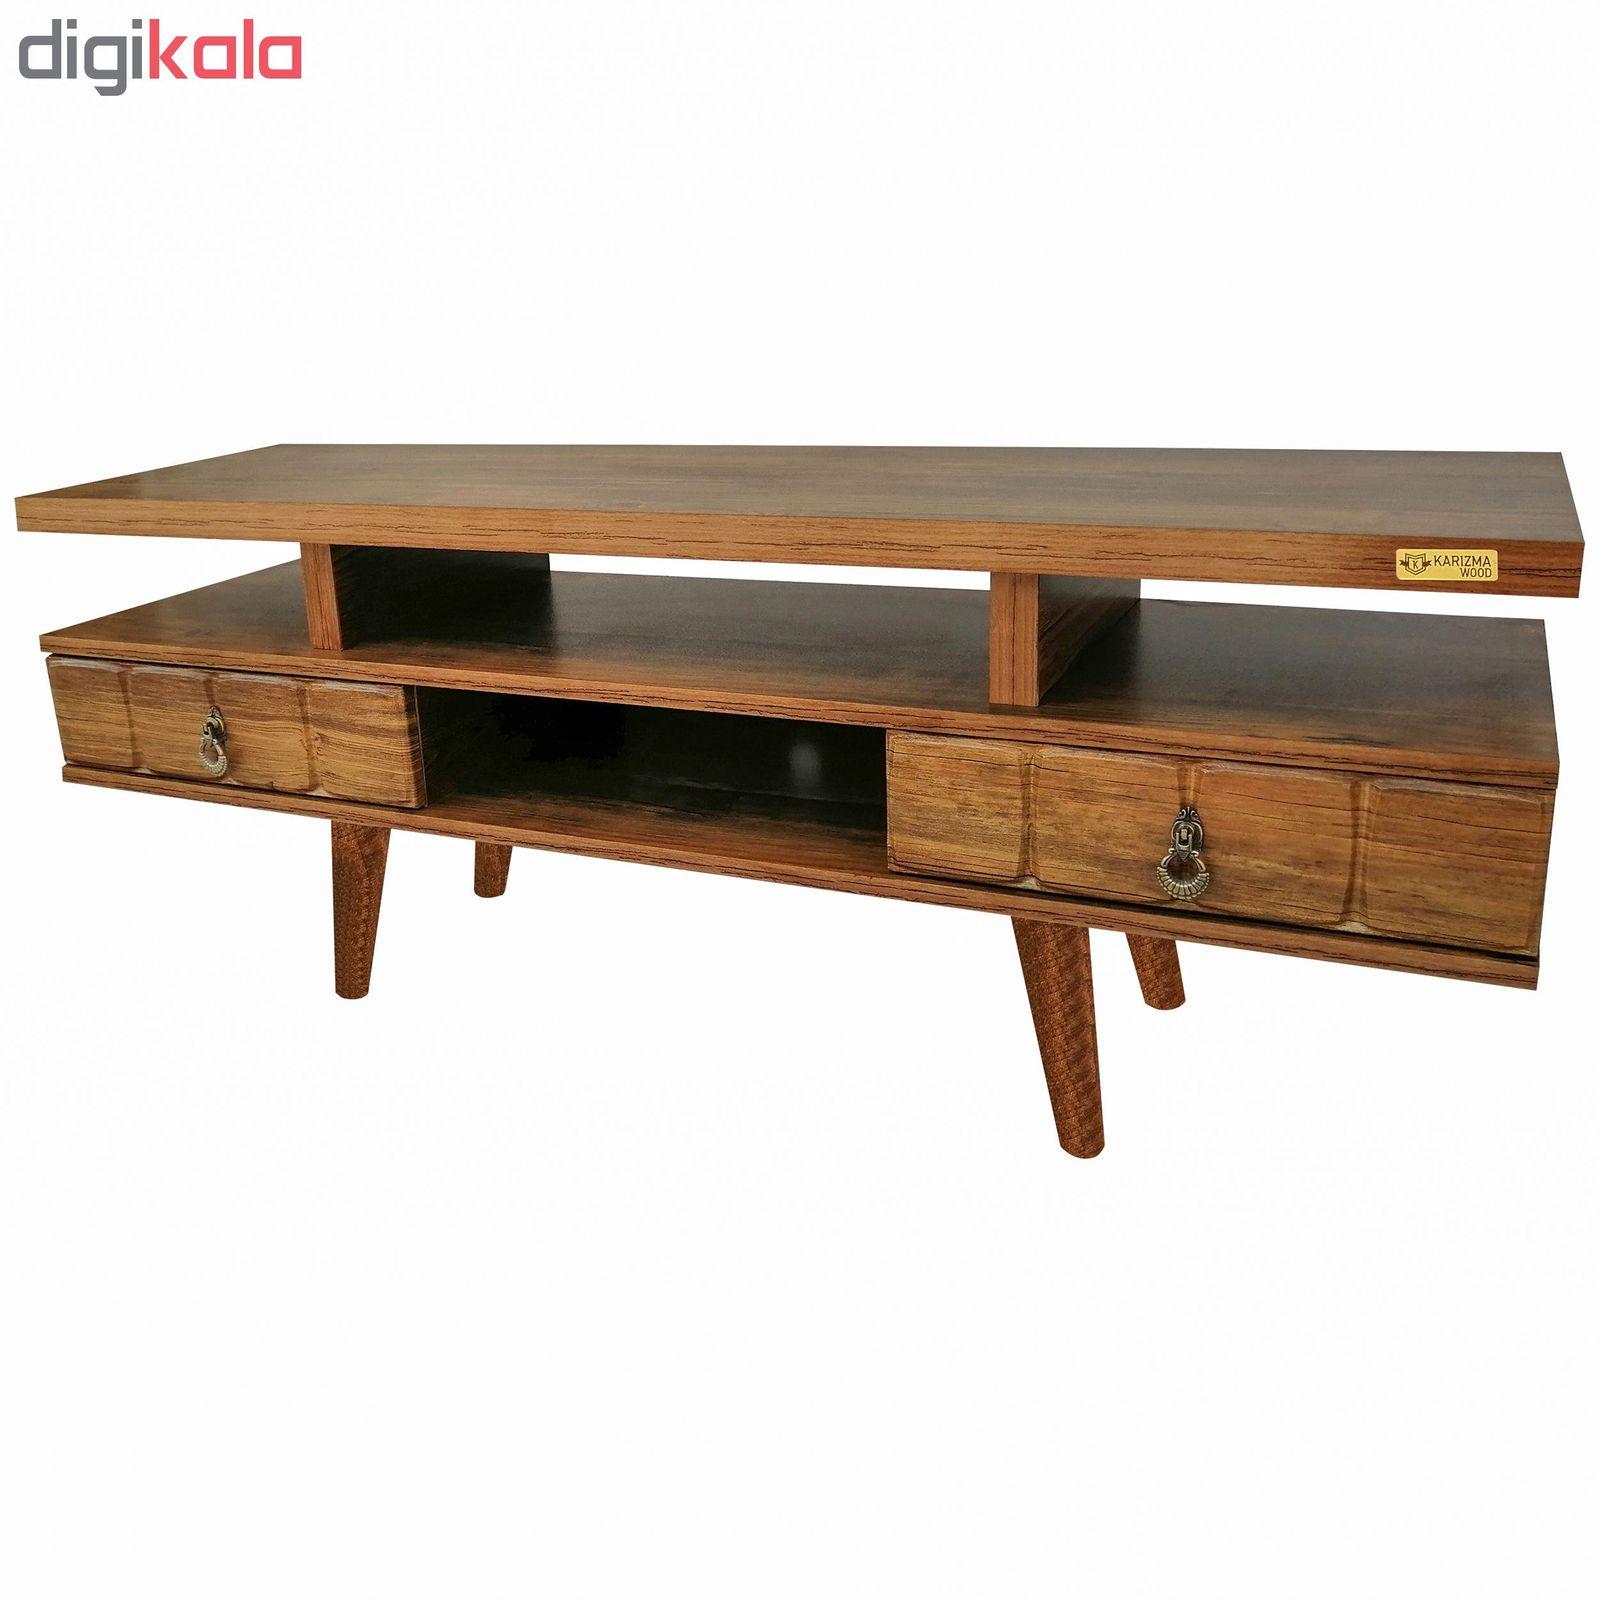 میز تلویزیون کاریزما وود مدل A.KM208 main 1 3